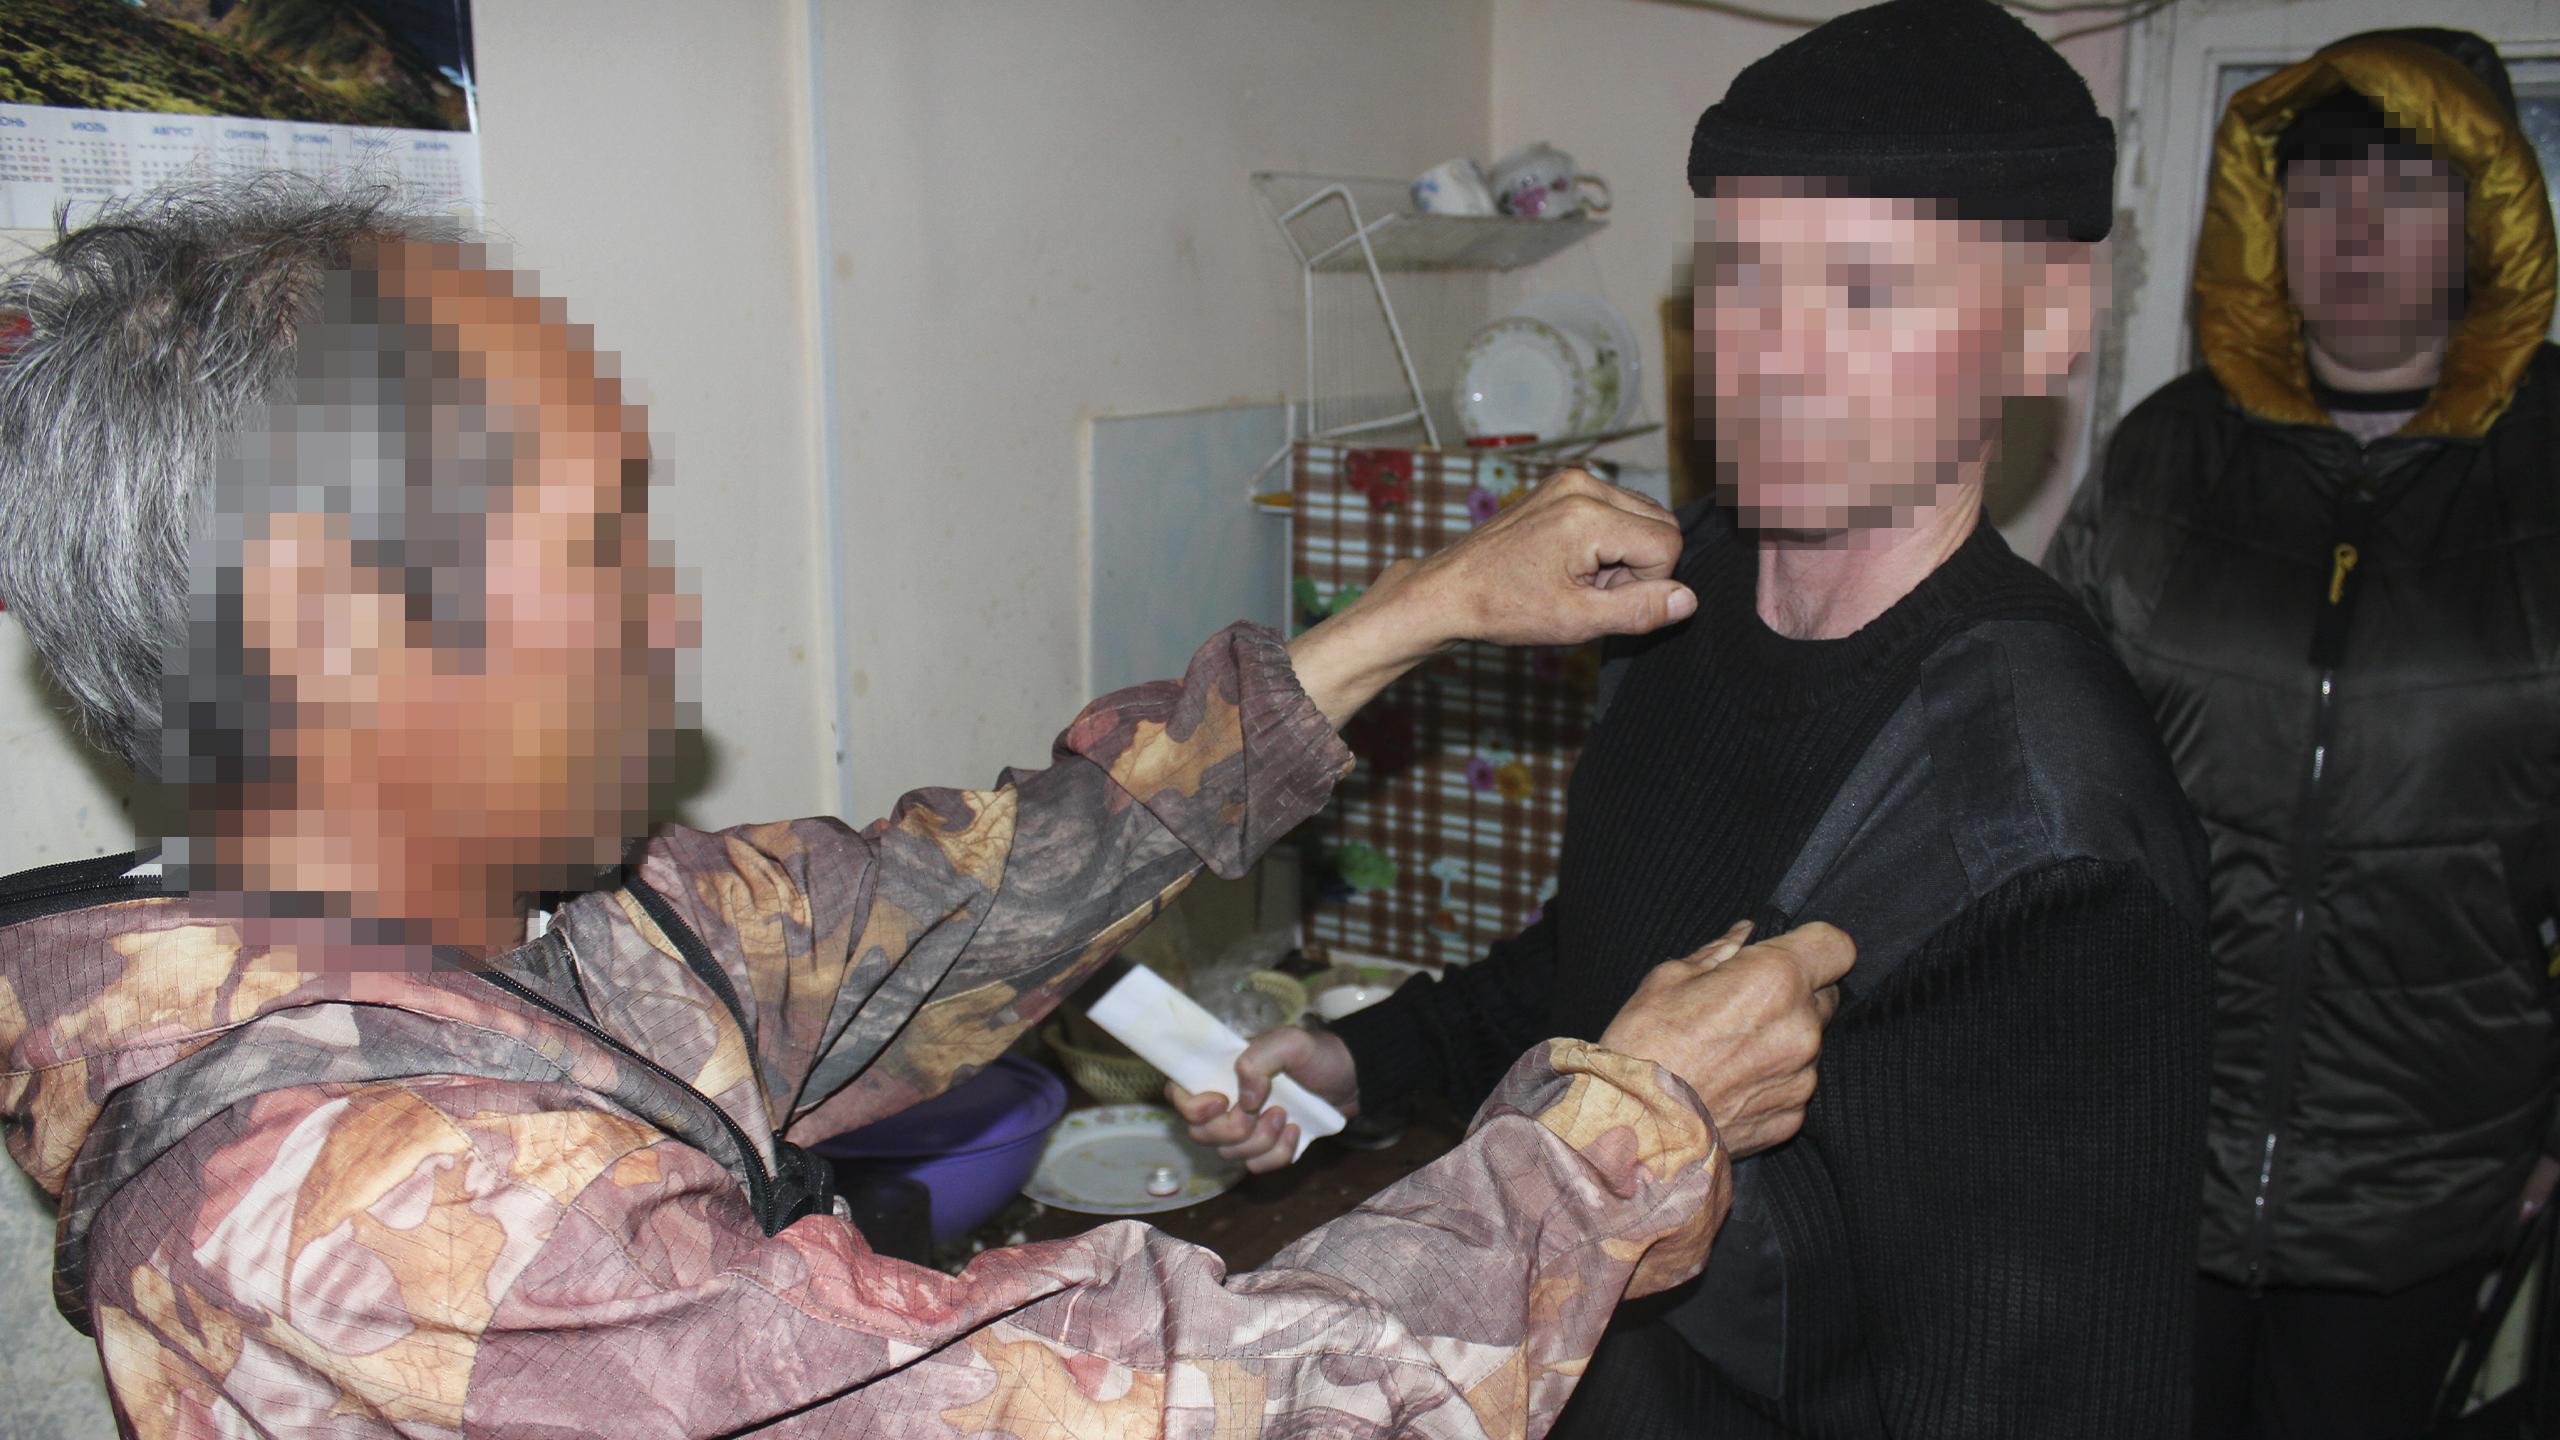 Ямалец получил удар ножом и продолжил пить с нападавшим